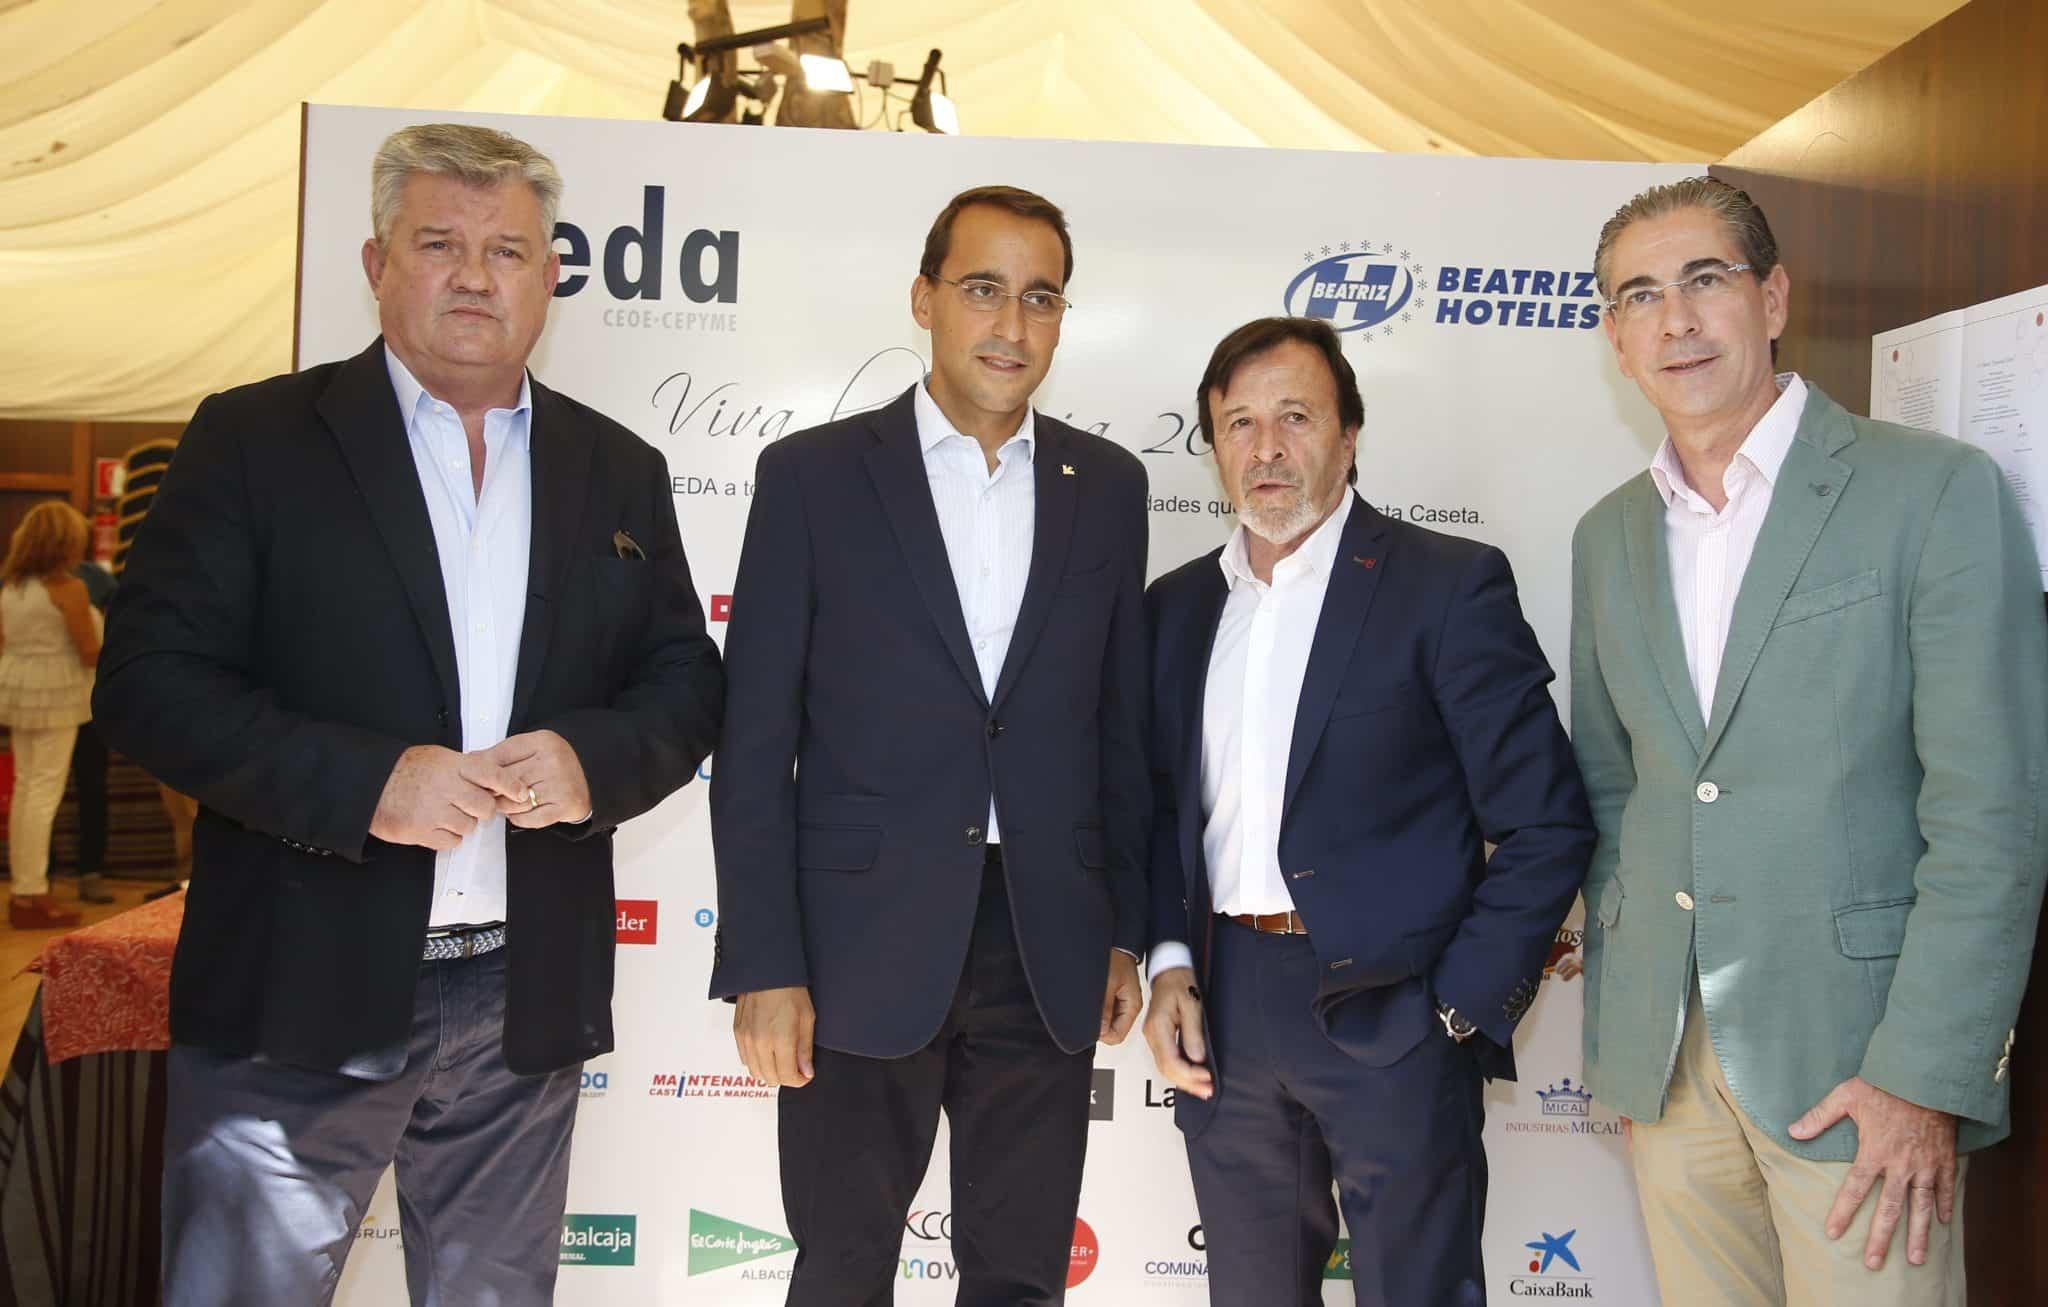 https://blog.globalcaja.es/wp-content/uploads/2017/09/Feda-y-Globalcaja.jpg